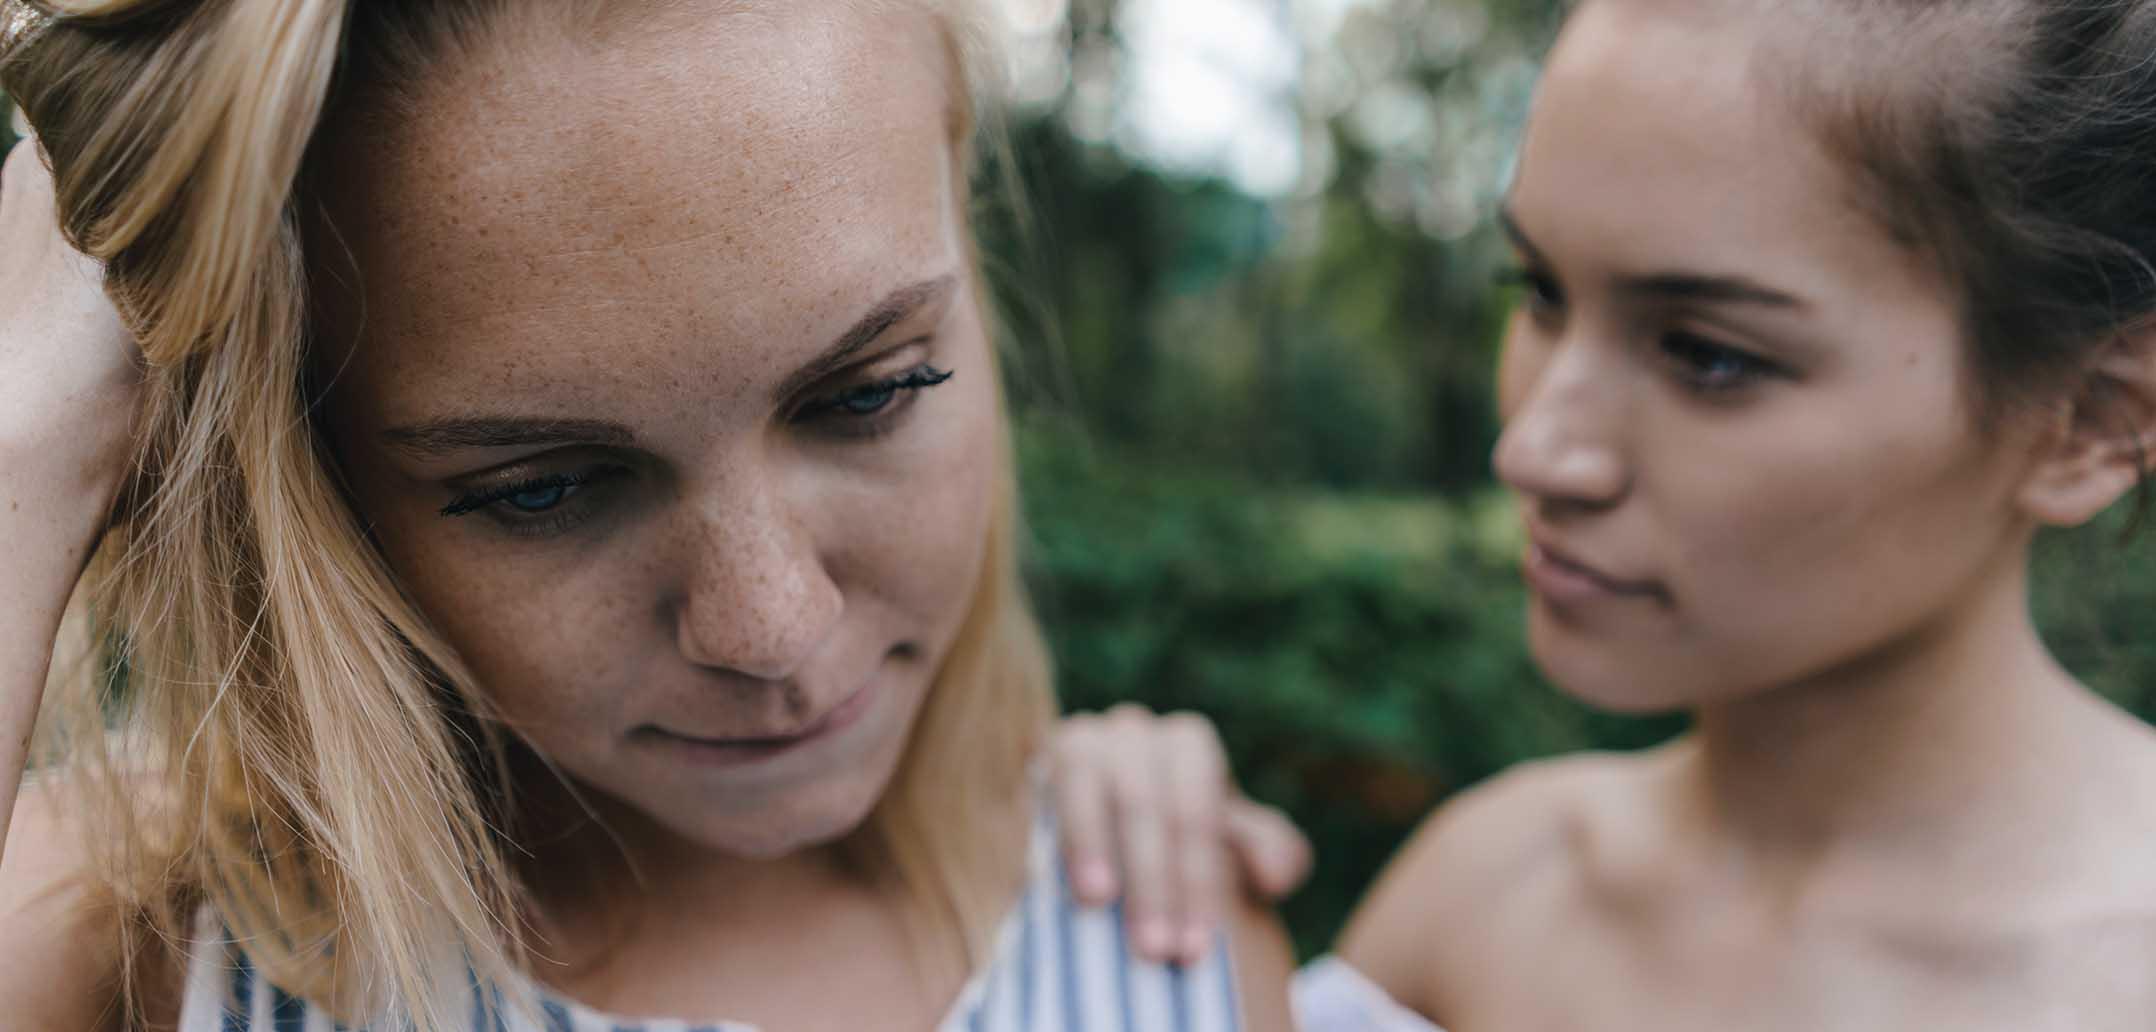 Ist es okay sich in die Belange Ihrer Freundin einzumischen?